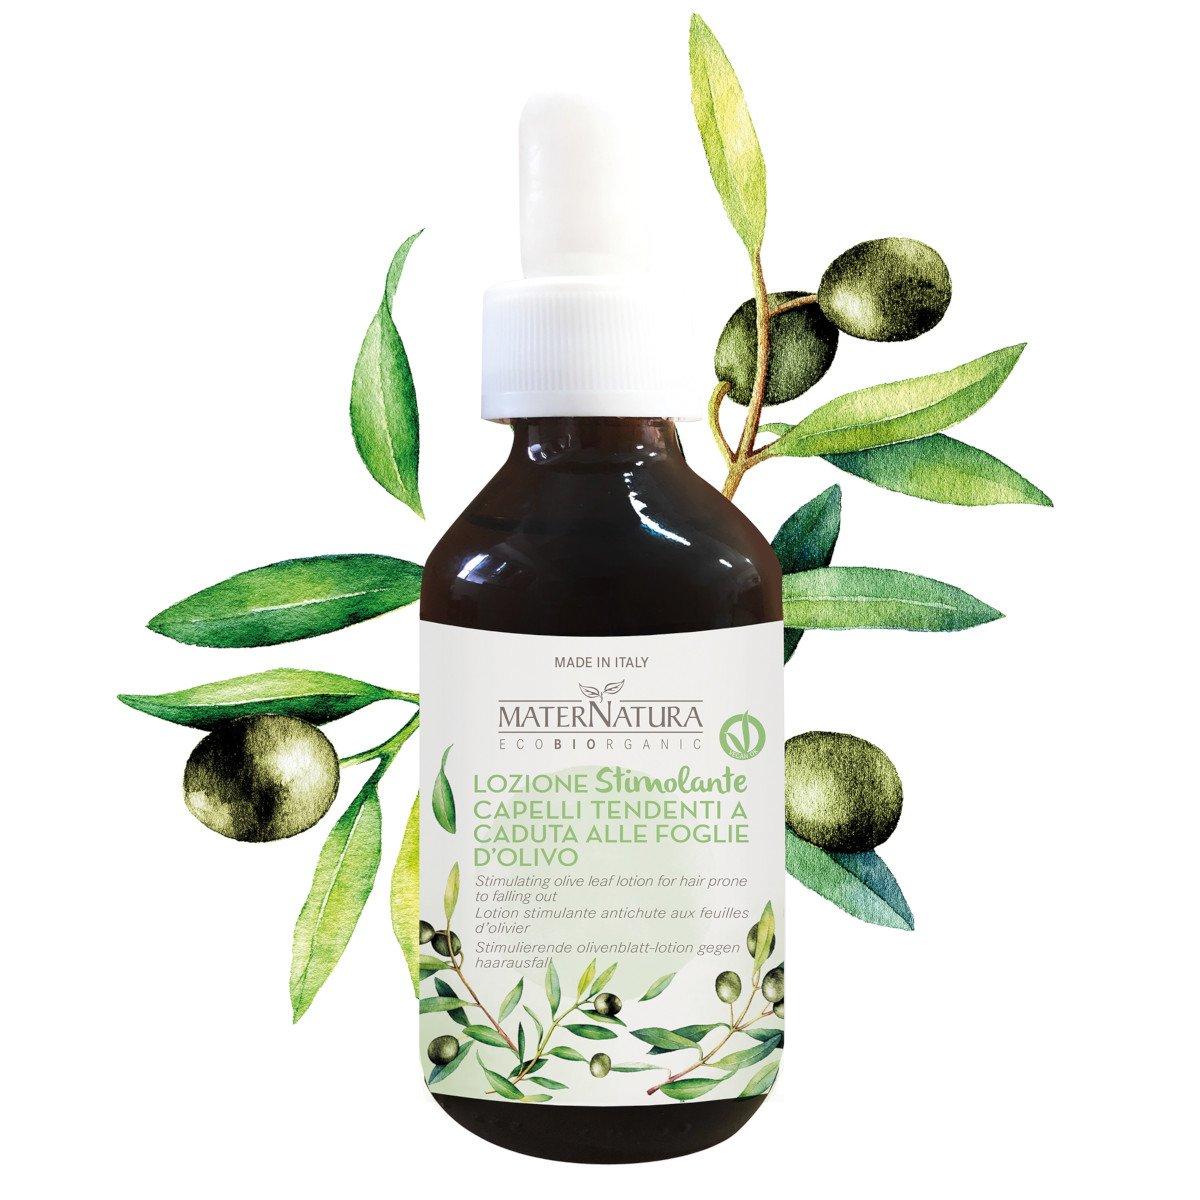 Lozione stimolante capelli tendenti a caduta alle foglie d'olivo